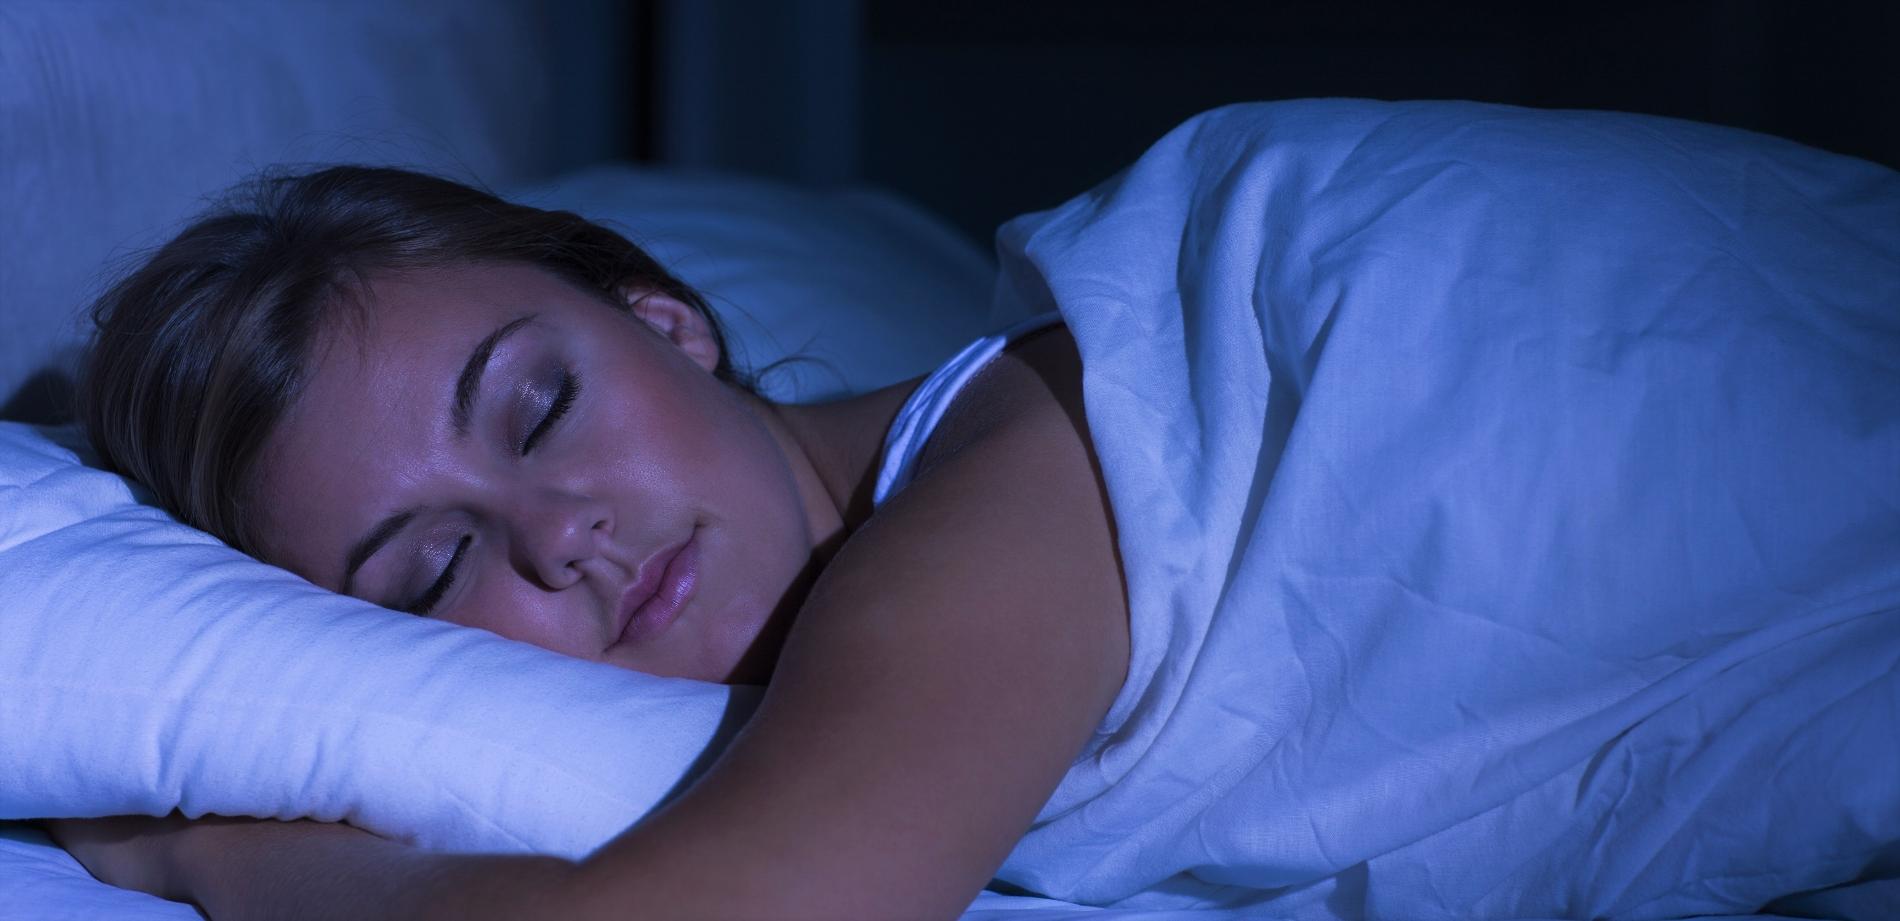 Sprachenlernen im Schlaf – Funktioniert das wirklich?